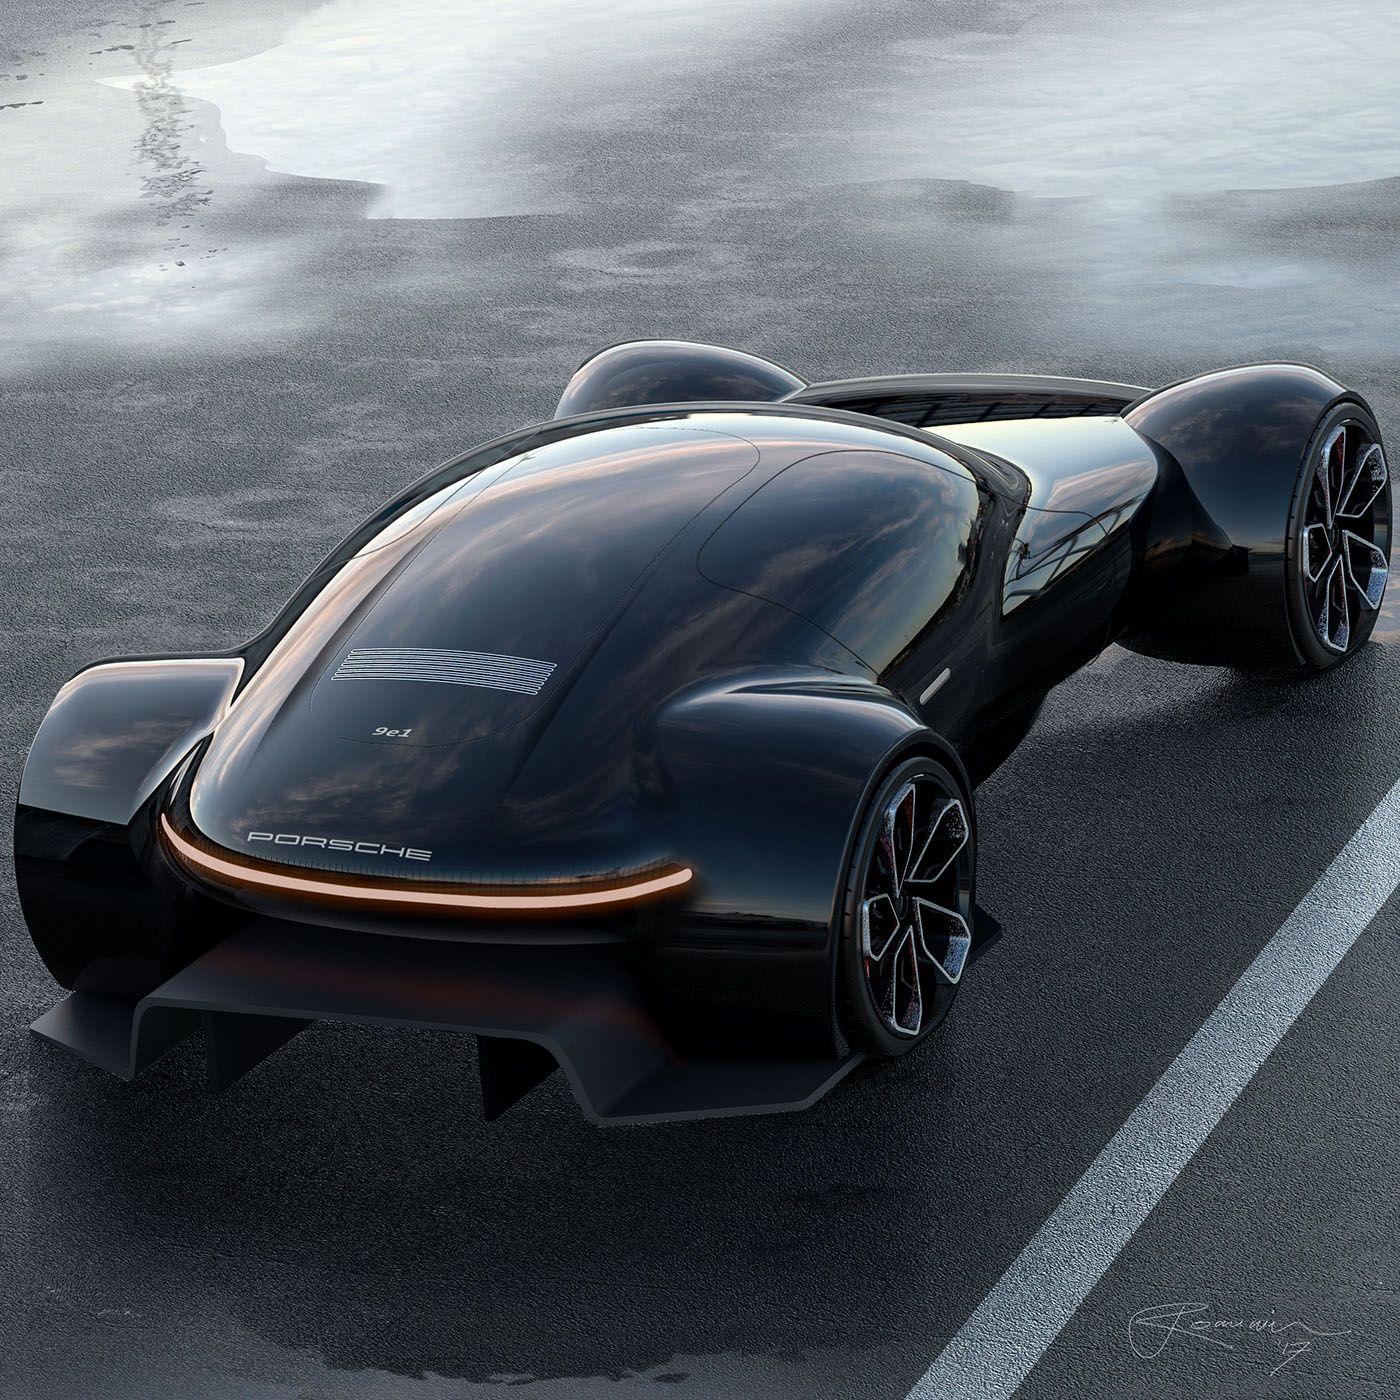 Porsche 9e1 Study Envisions An All Electric Future Hypercar Carscoops Futuristic Cars Porsche Concept Car Design